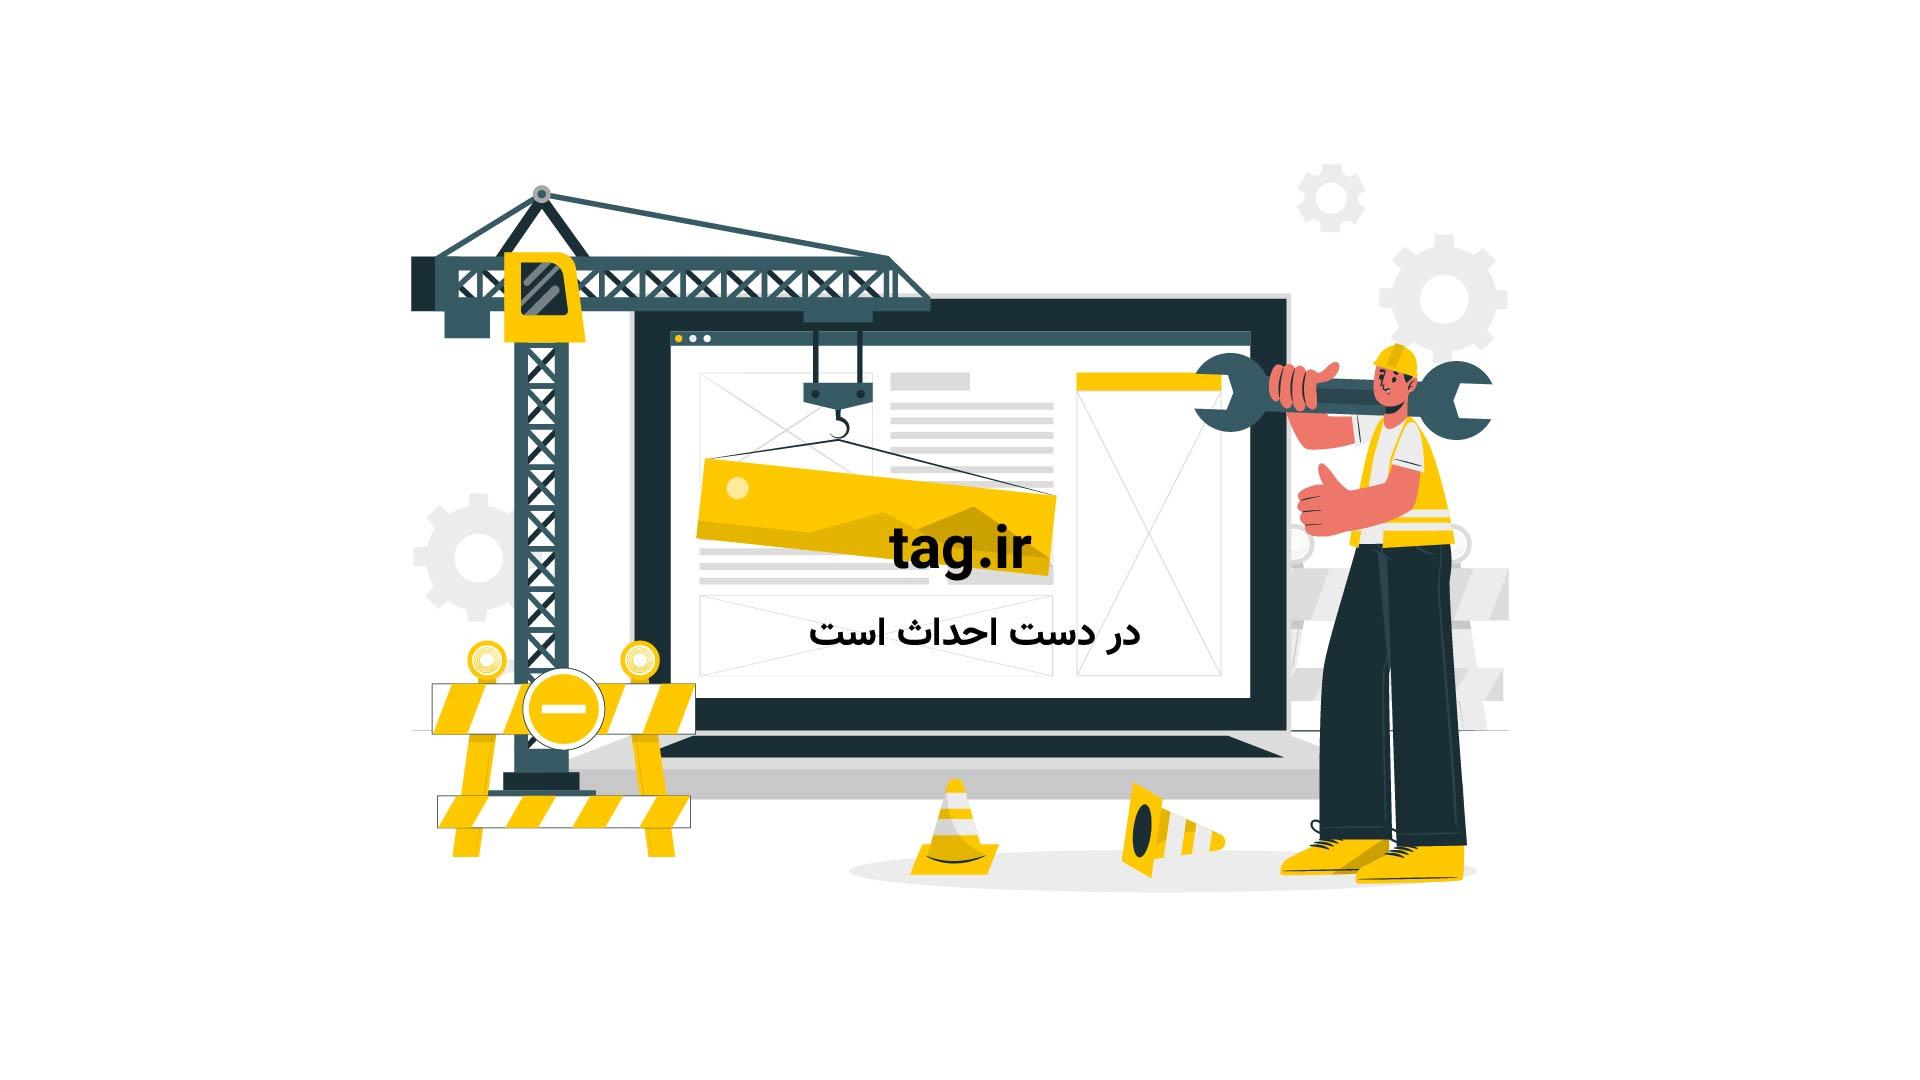 تعقیب و گریز پلنگ روی شاخههای درخت برای شکار بچه میمون | تگ